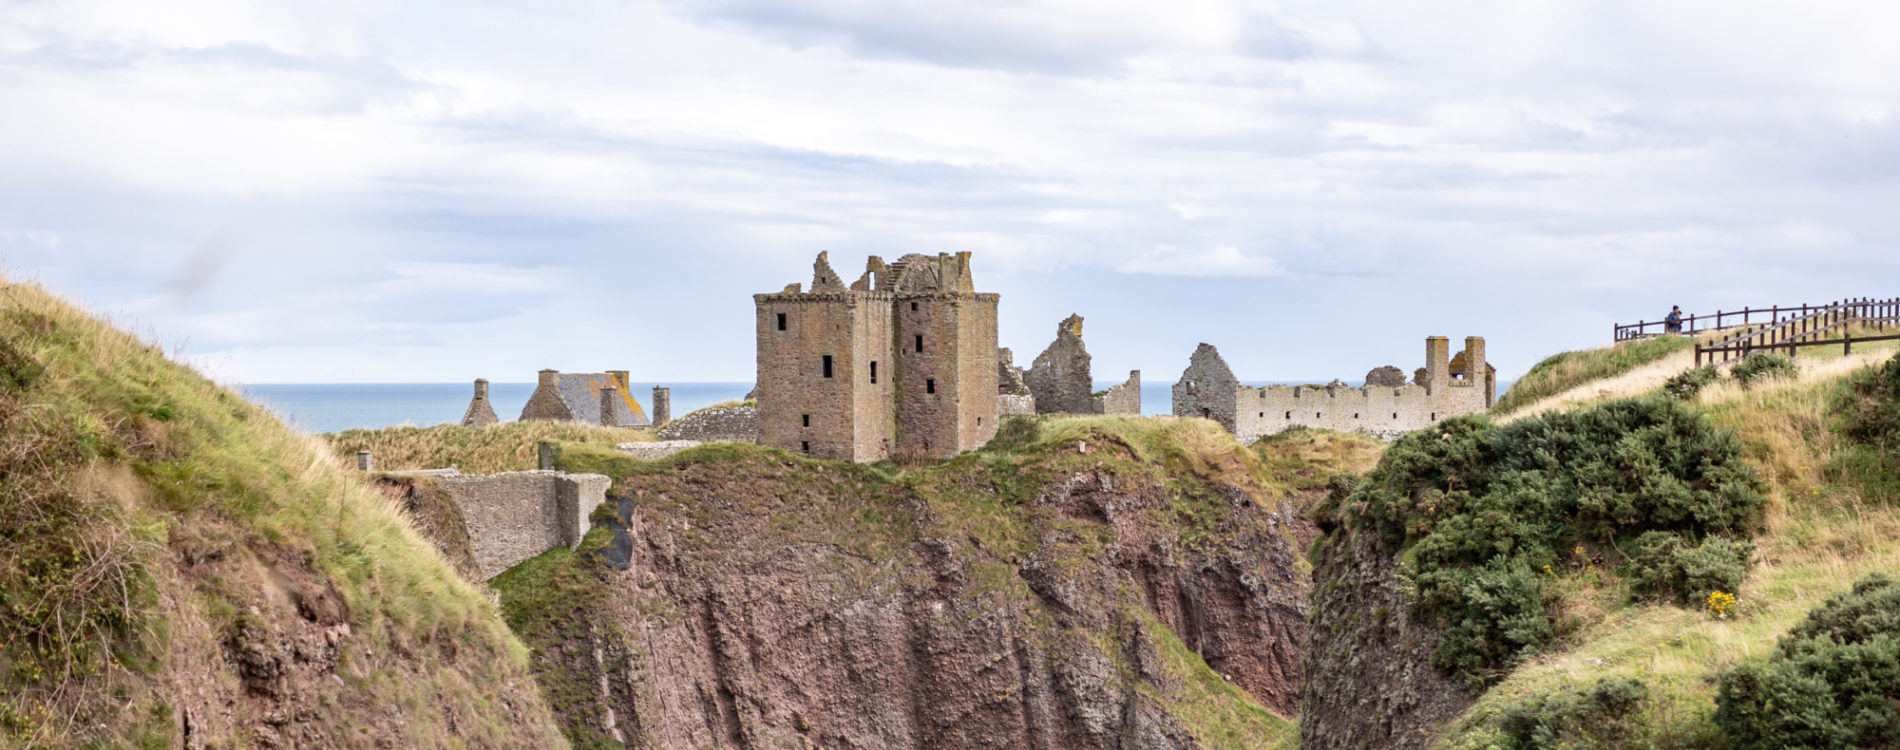 Dunotter Castle 2019 Georgegunn97